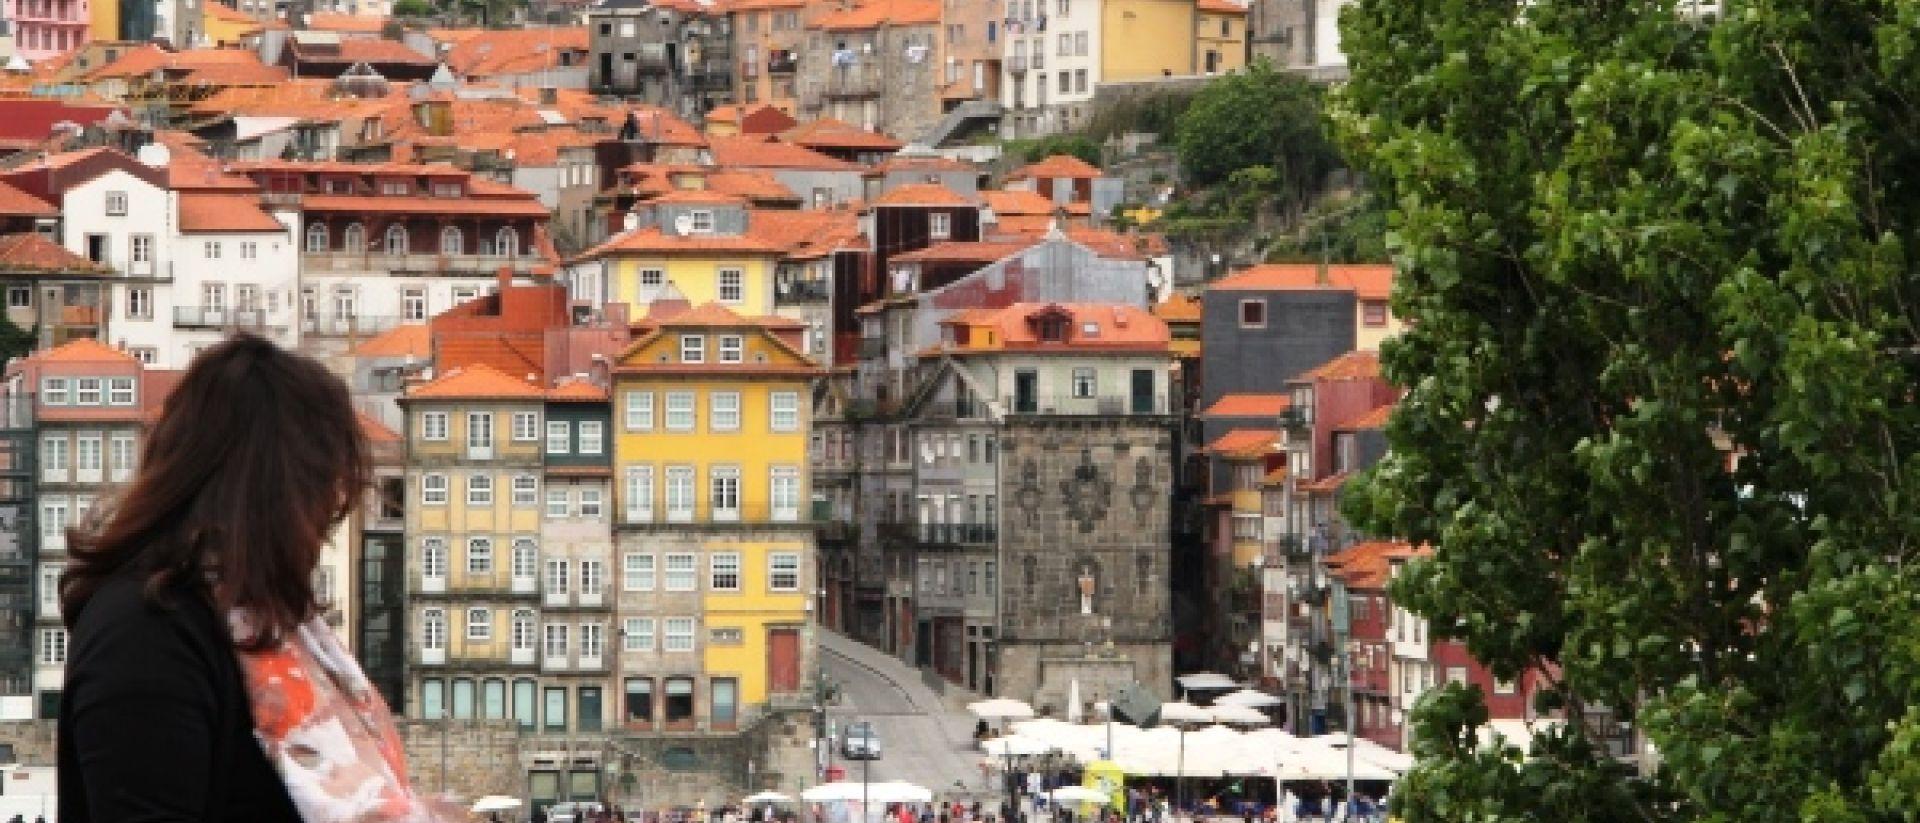 10 Ideas Para Celebrar Eventos Inolvidables En Oporto Expreso